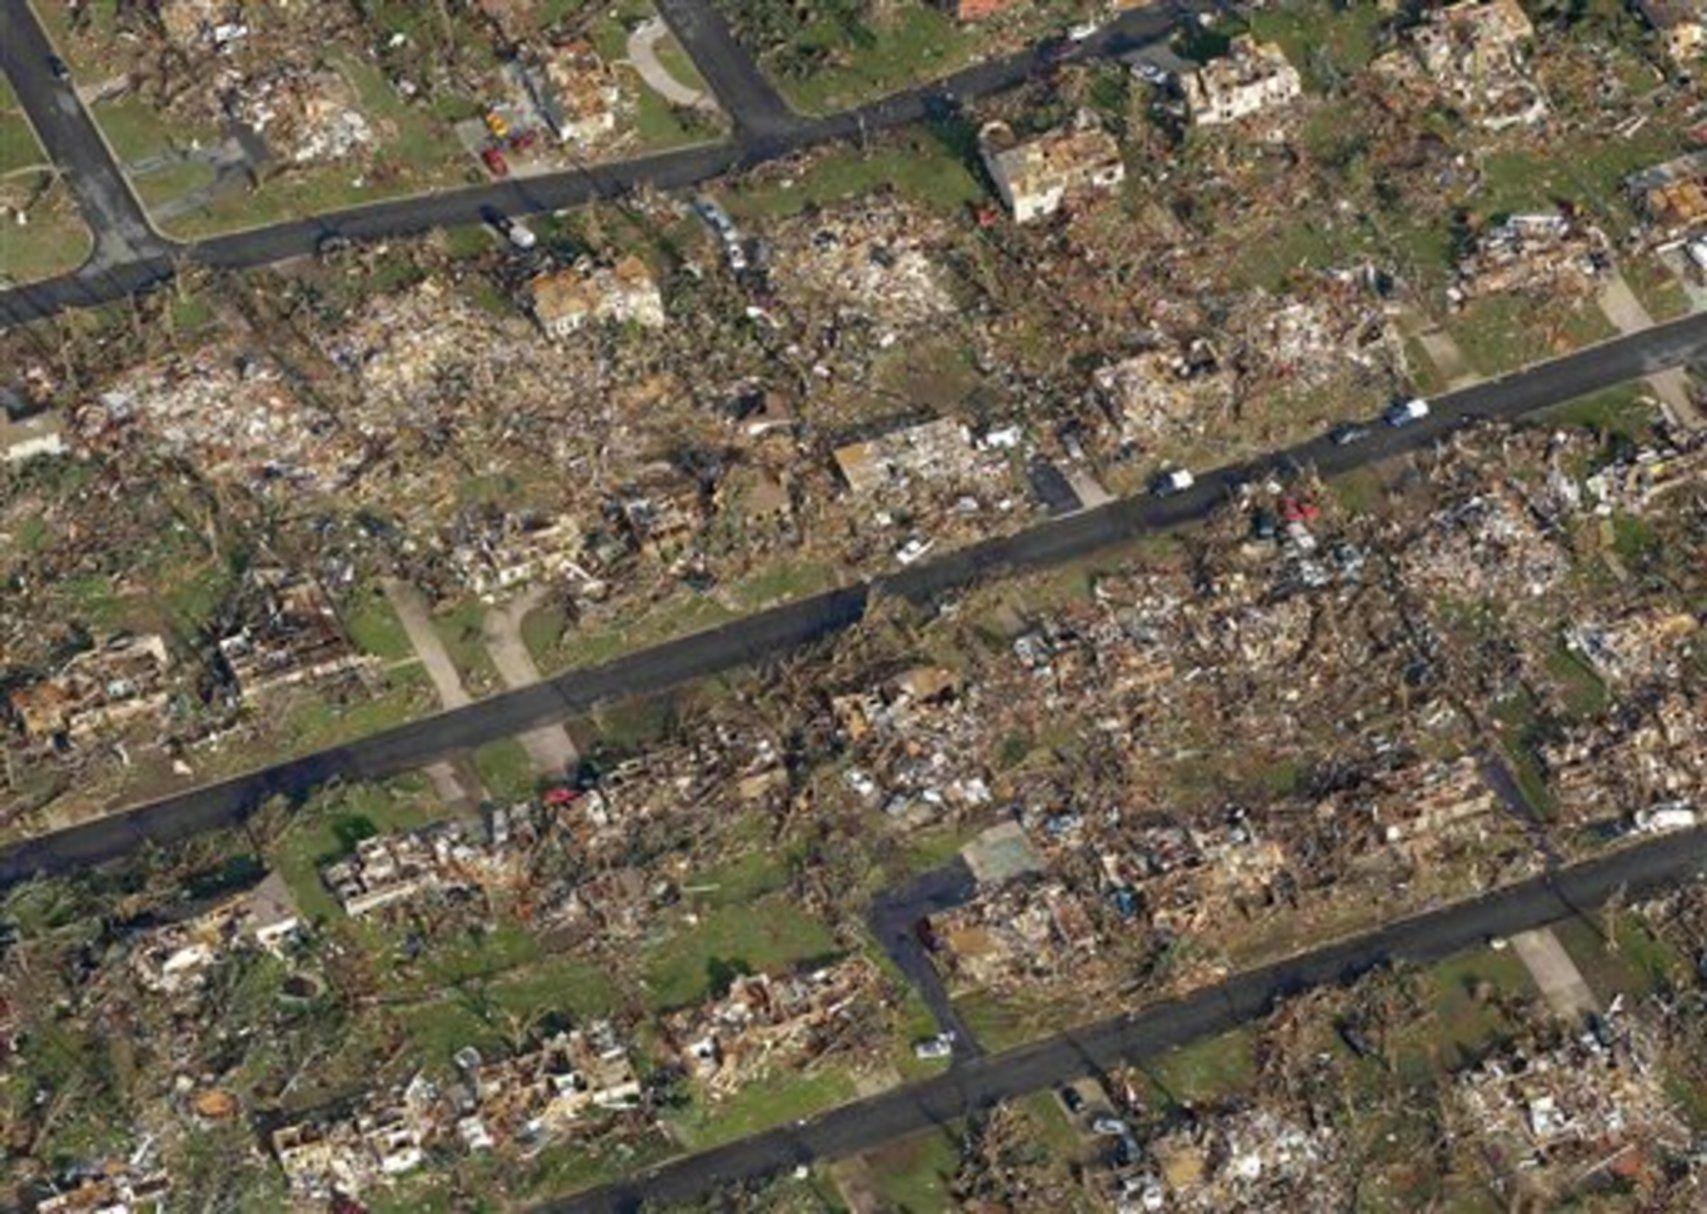 Gallery Tornado damage in Joplin Mo